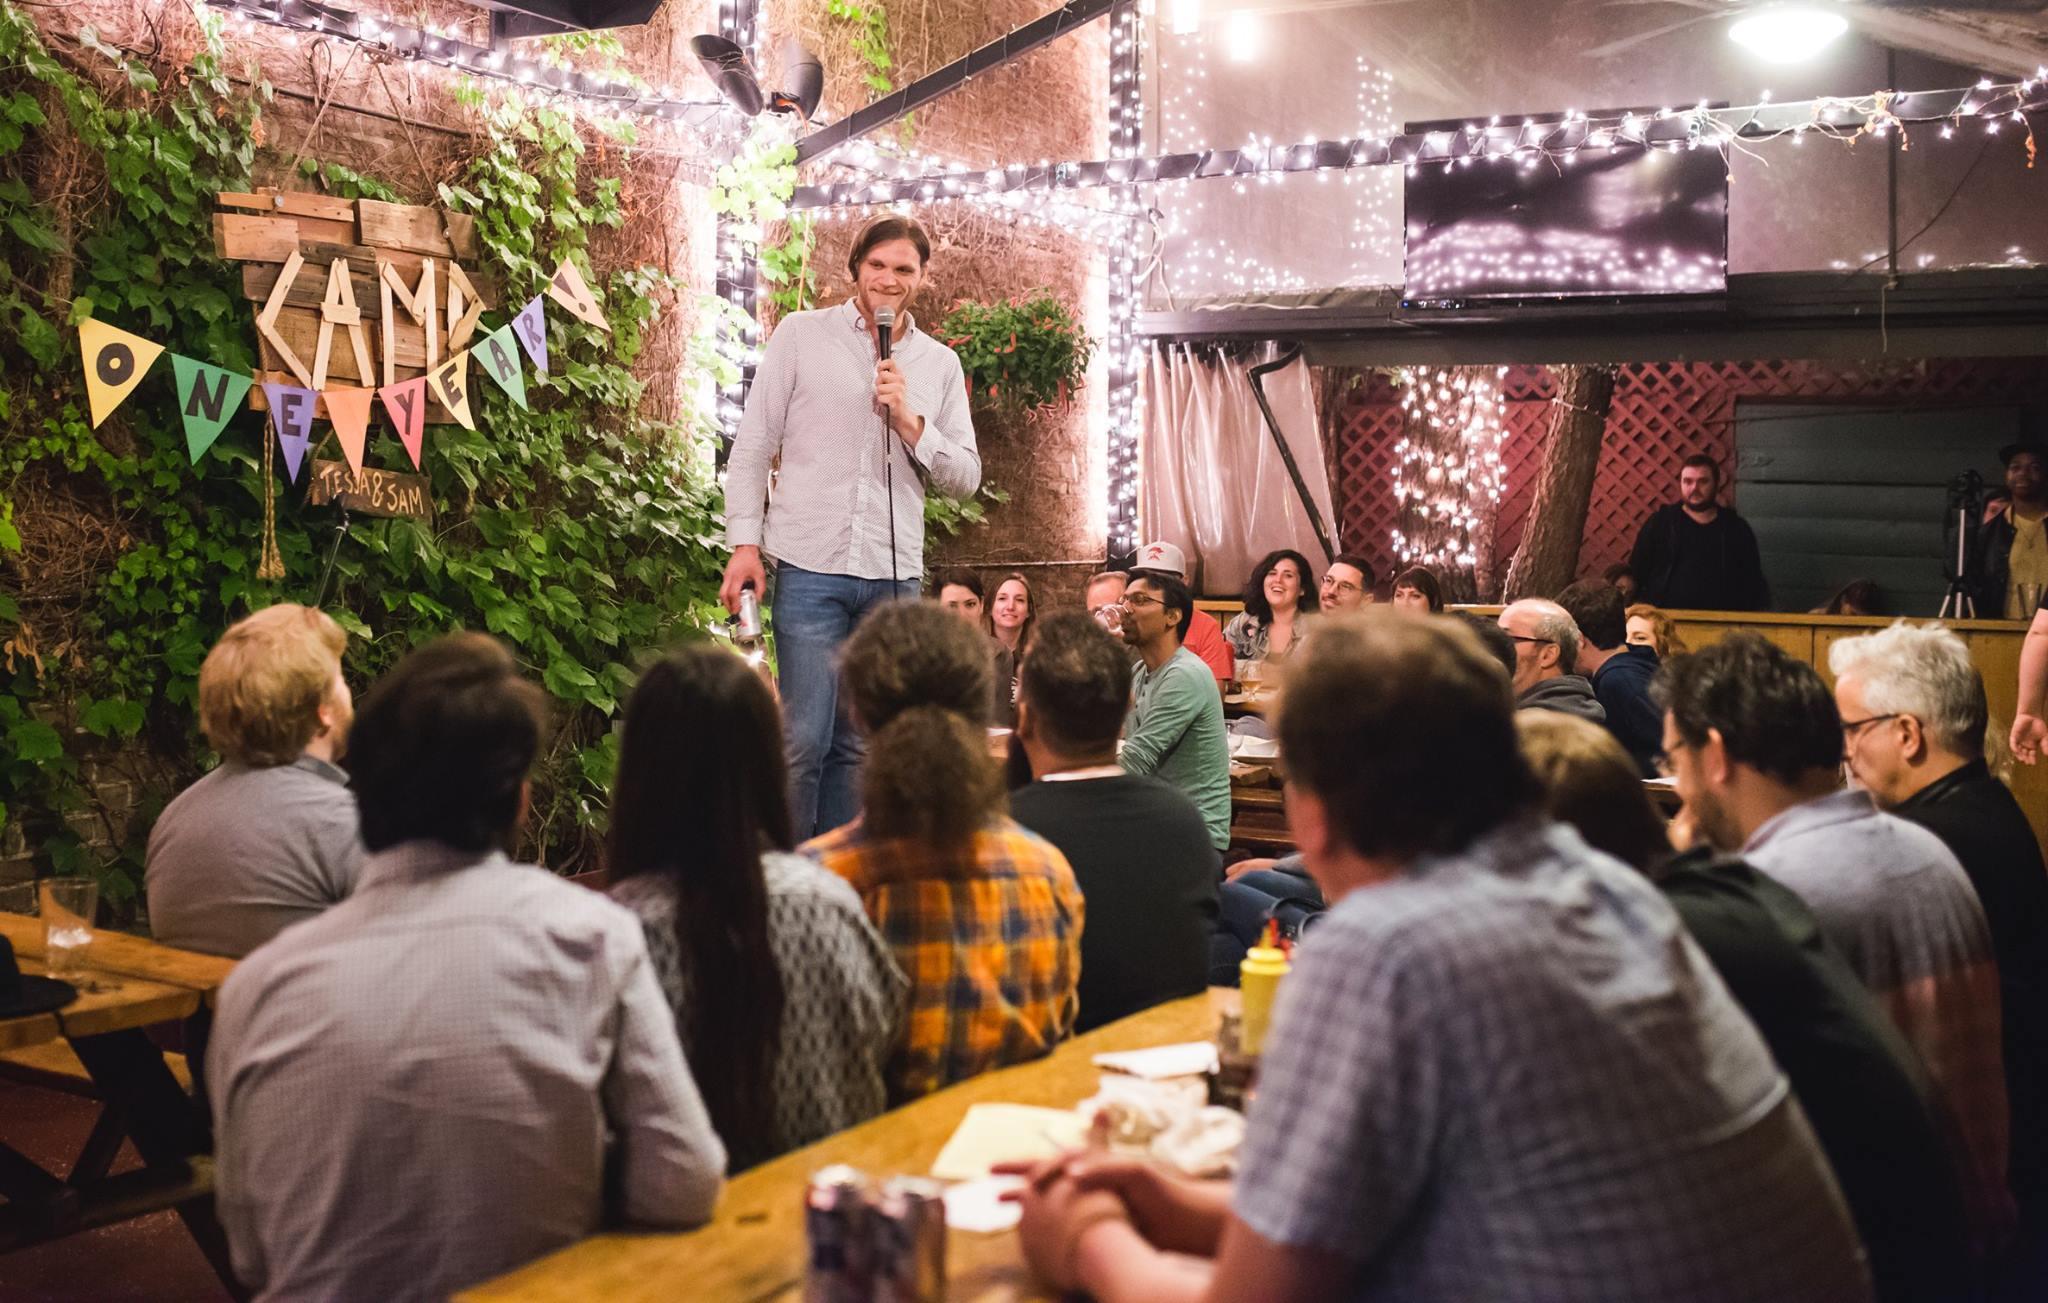 Camp: A Comedy Show